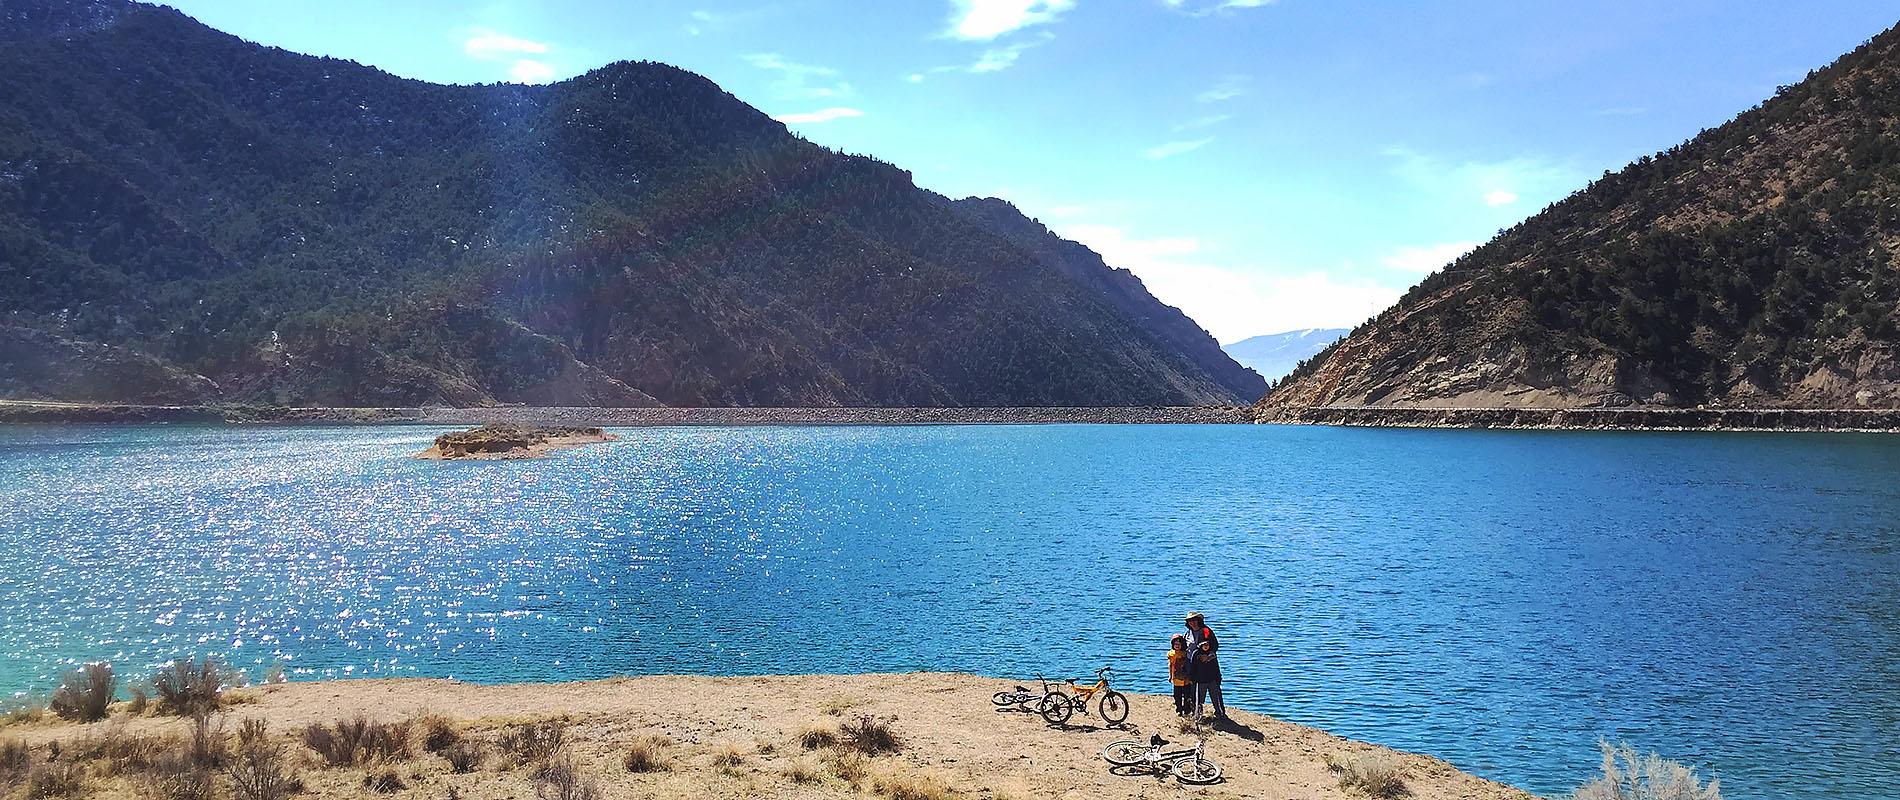 Bikin' Around the Reservoir